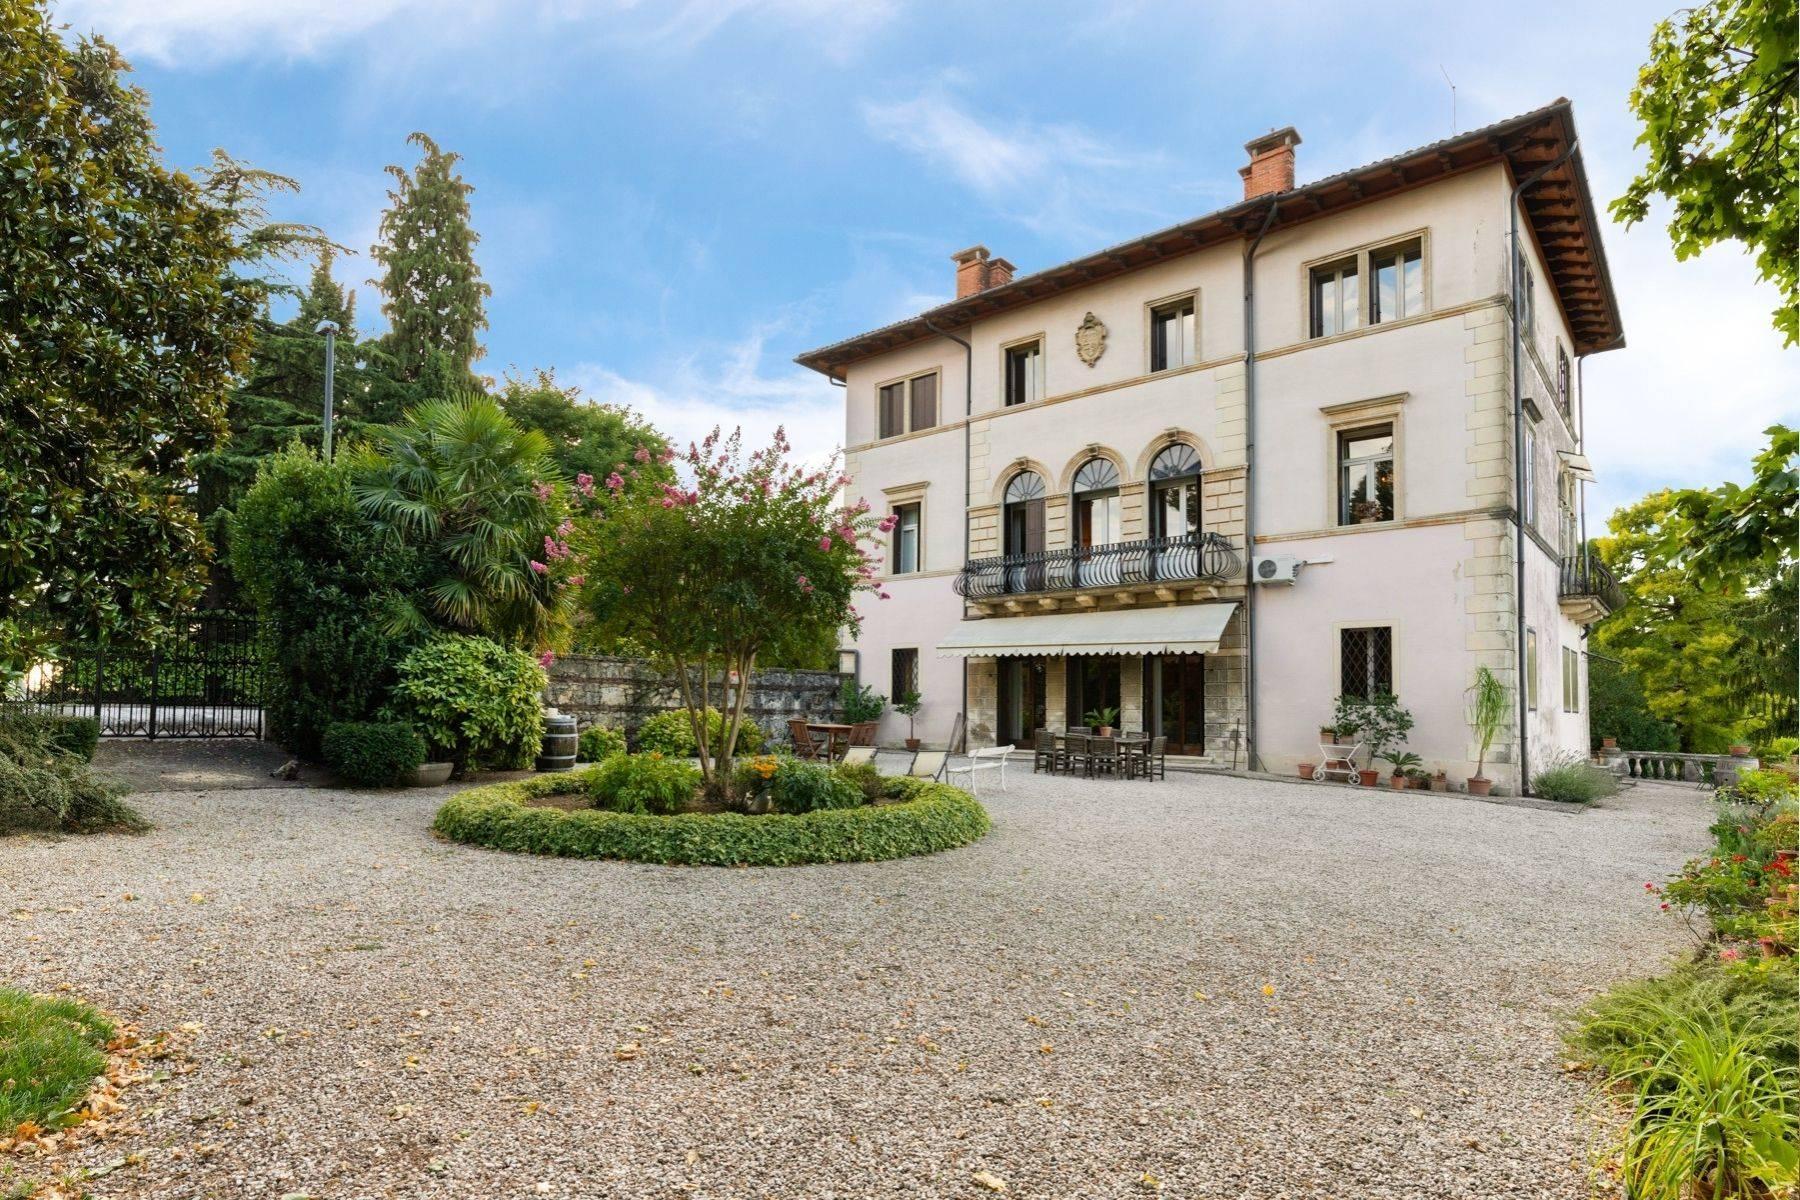 Elegante historische Villa mit privatem Park auf dem Monte Berico - 1